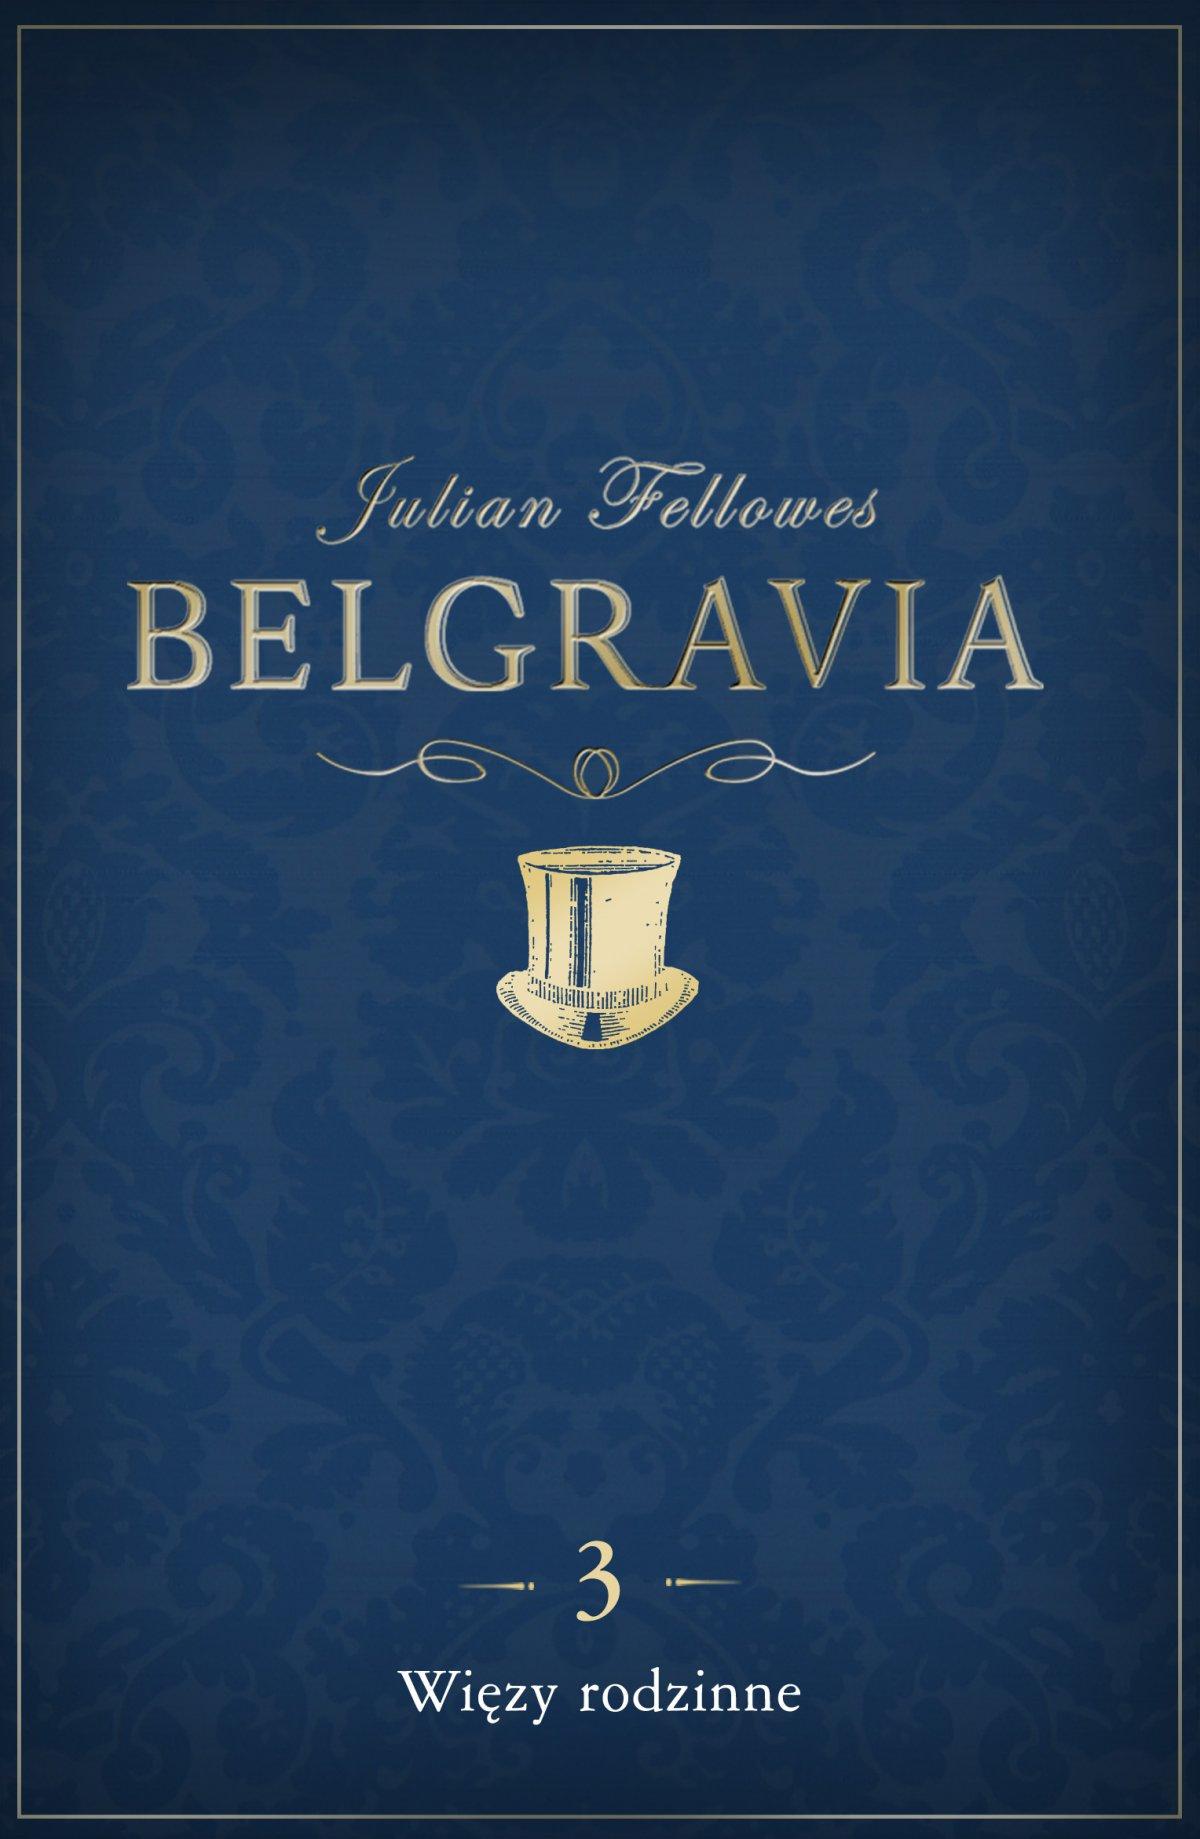 Belgravia Więzy rodzinne. Odcinek 3 - Ebook (Książka EPUB) do pobrania w formacie EPUB